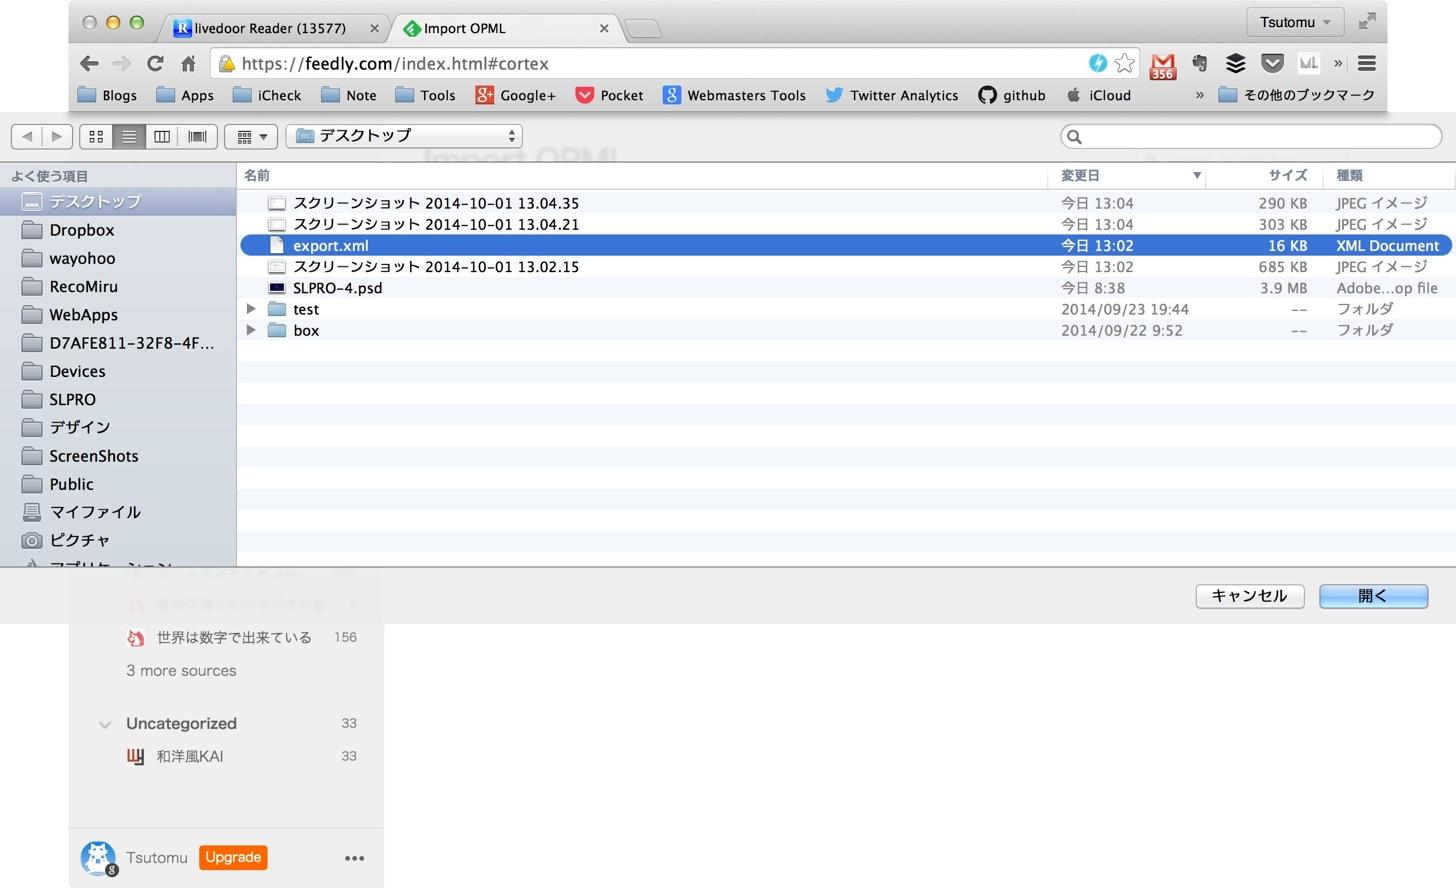 「export.xml」ファイルを選択します。